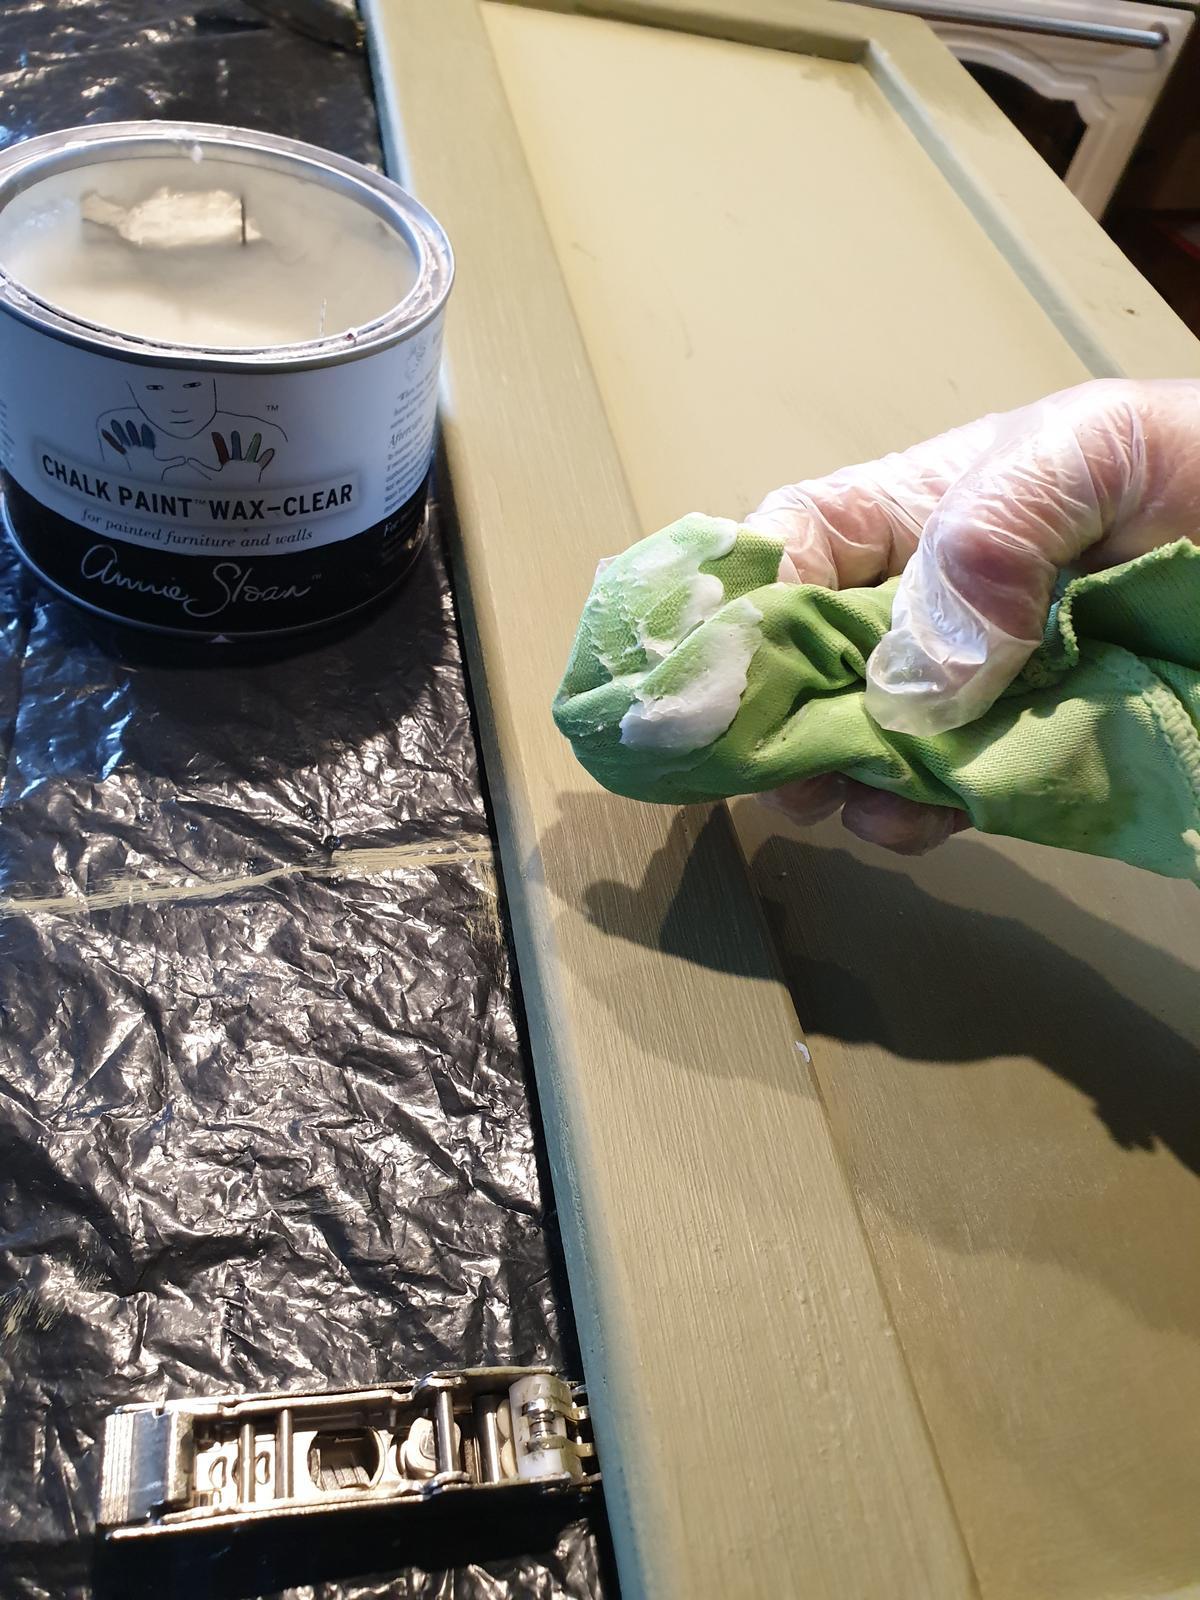 Kuchyňa svojpomocne - a finálna úprava...voskovanie. Dvierka voskujeme len z vonkajšej strany. vnútro dvierok nie. A popri tom sme zavoskovali aj ostrovček v kuchyni, ktorý je rovnakej farby